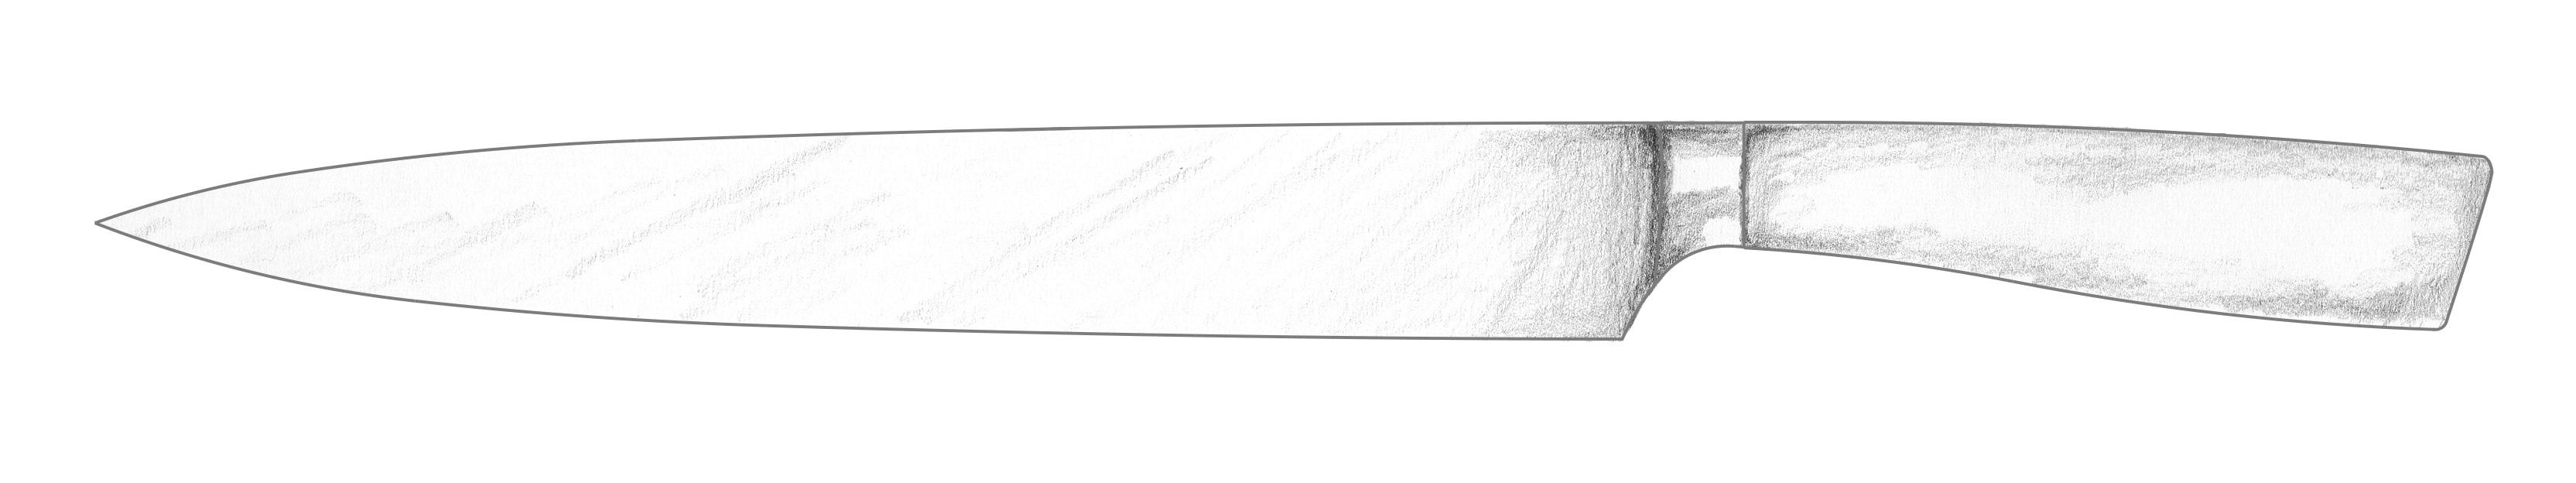 klingenform_schinkenmesser